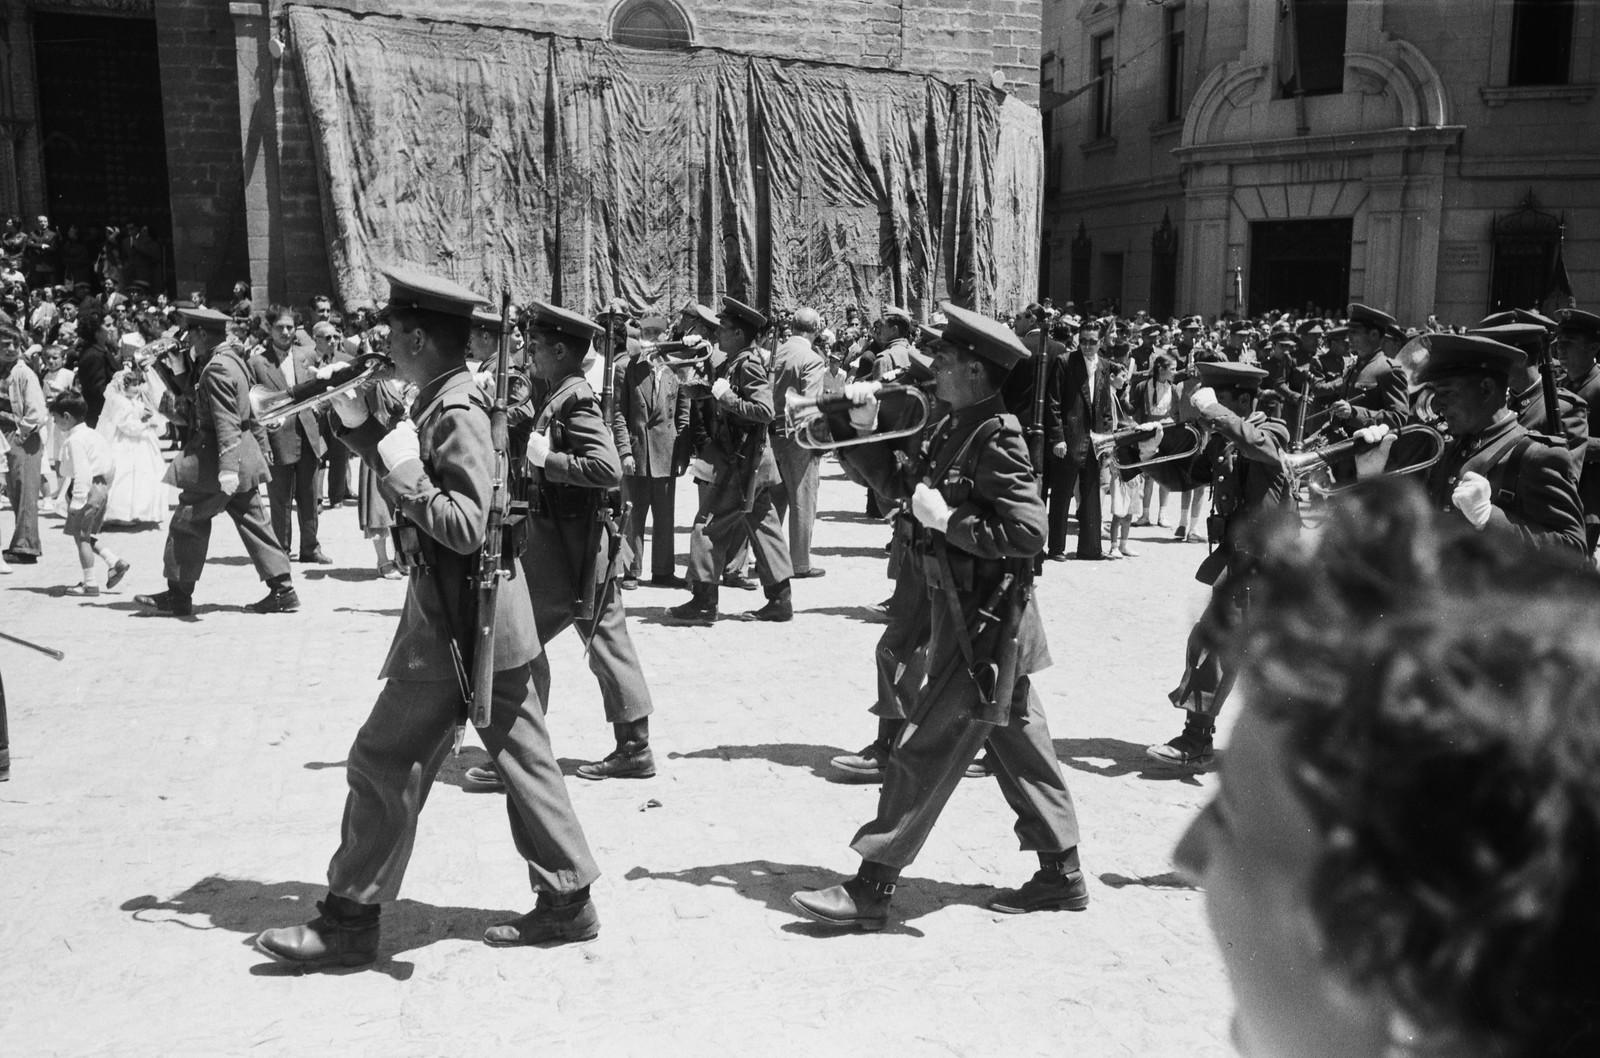 Soldados tocan música en la Procesión del Corpus Christi de Toledo en 1955 © ETH-Bibliothek Zurich